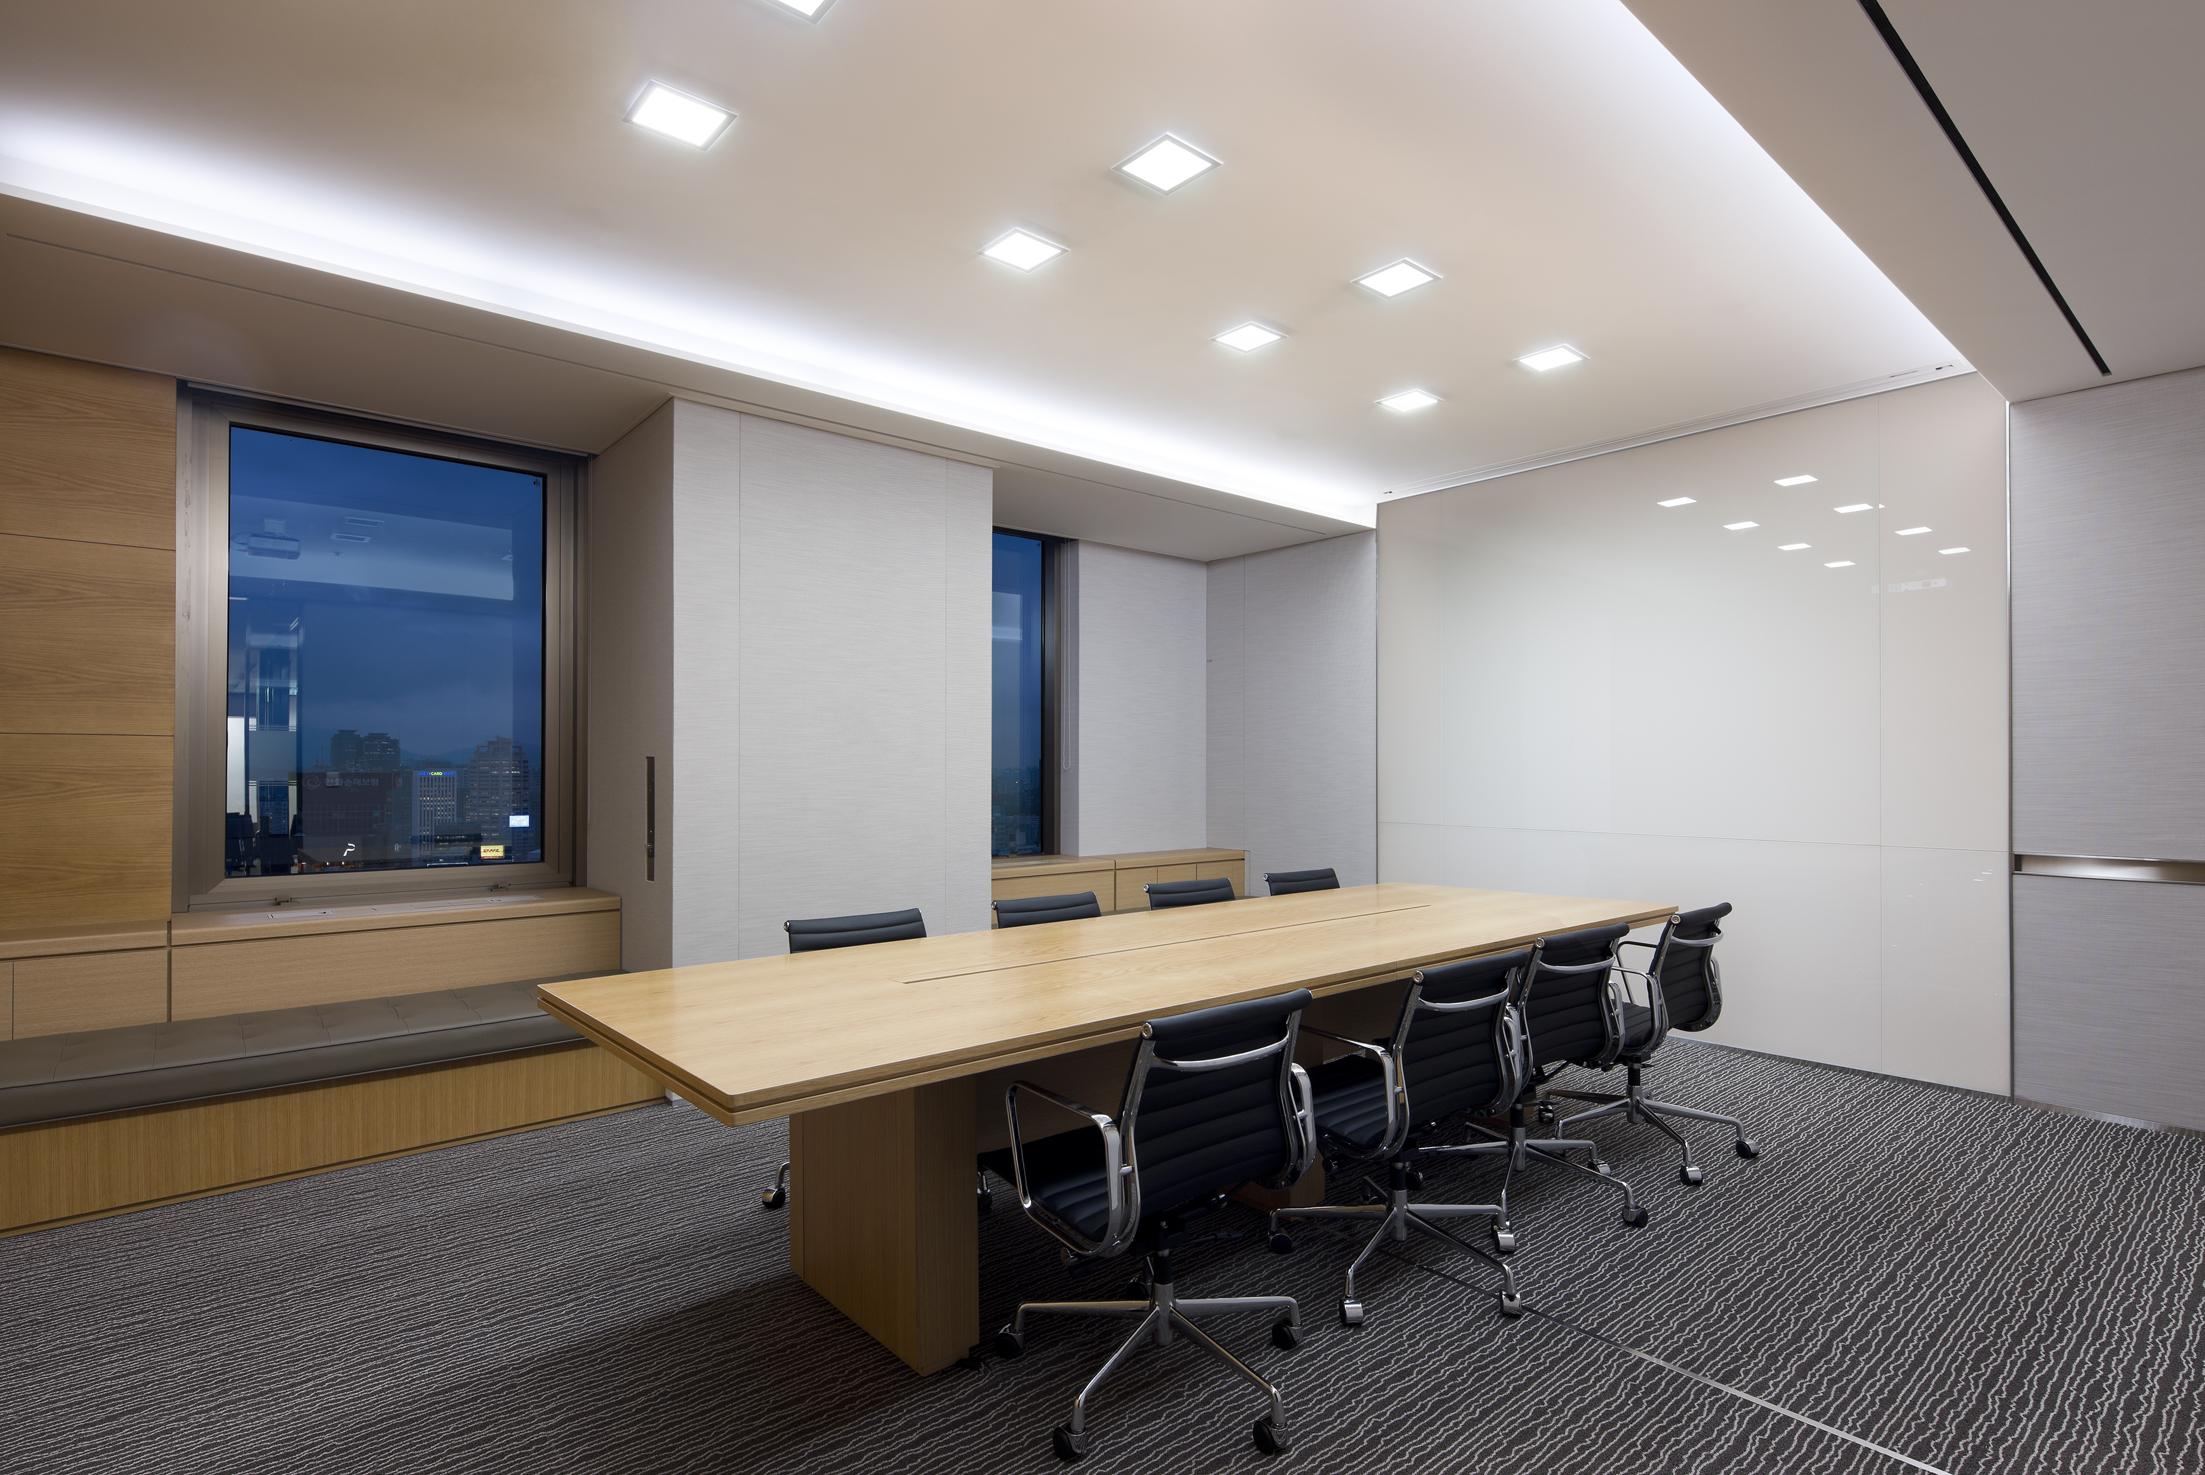 schroders_meeting room 2